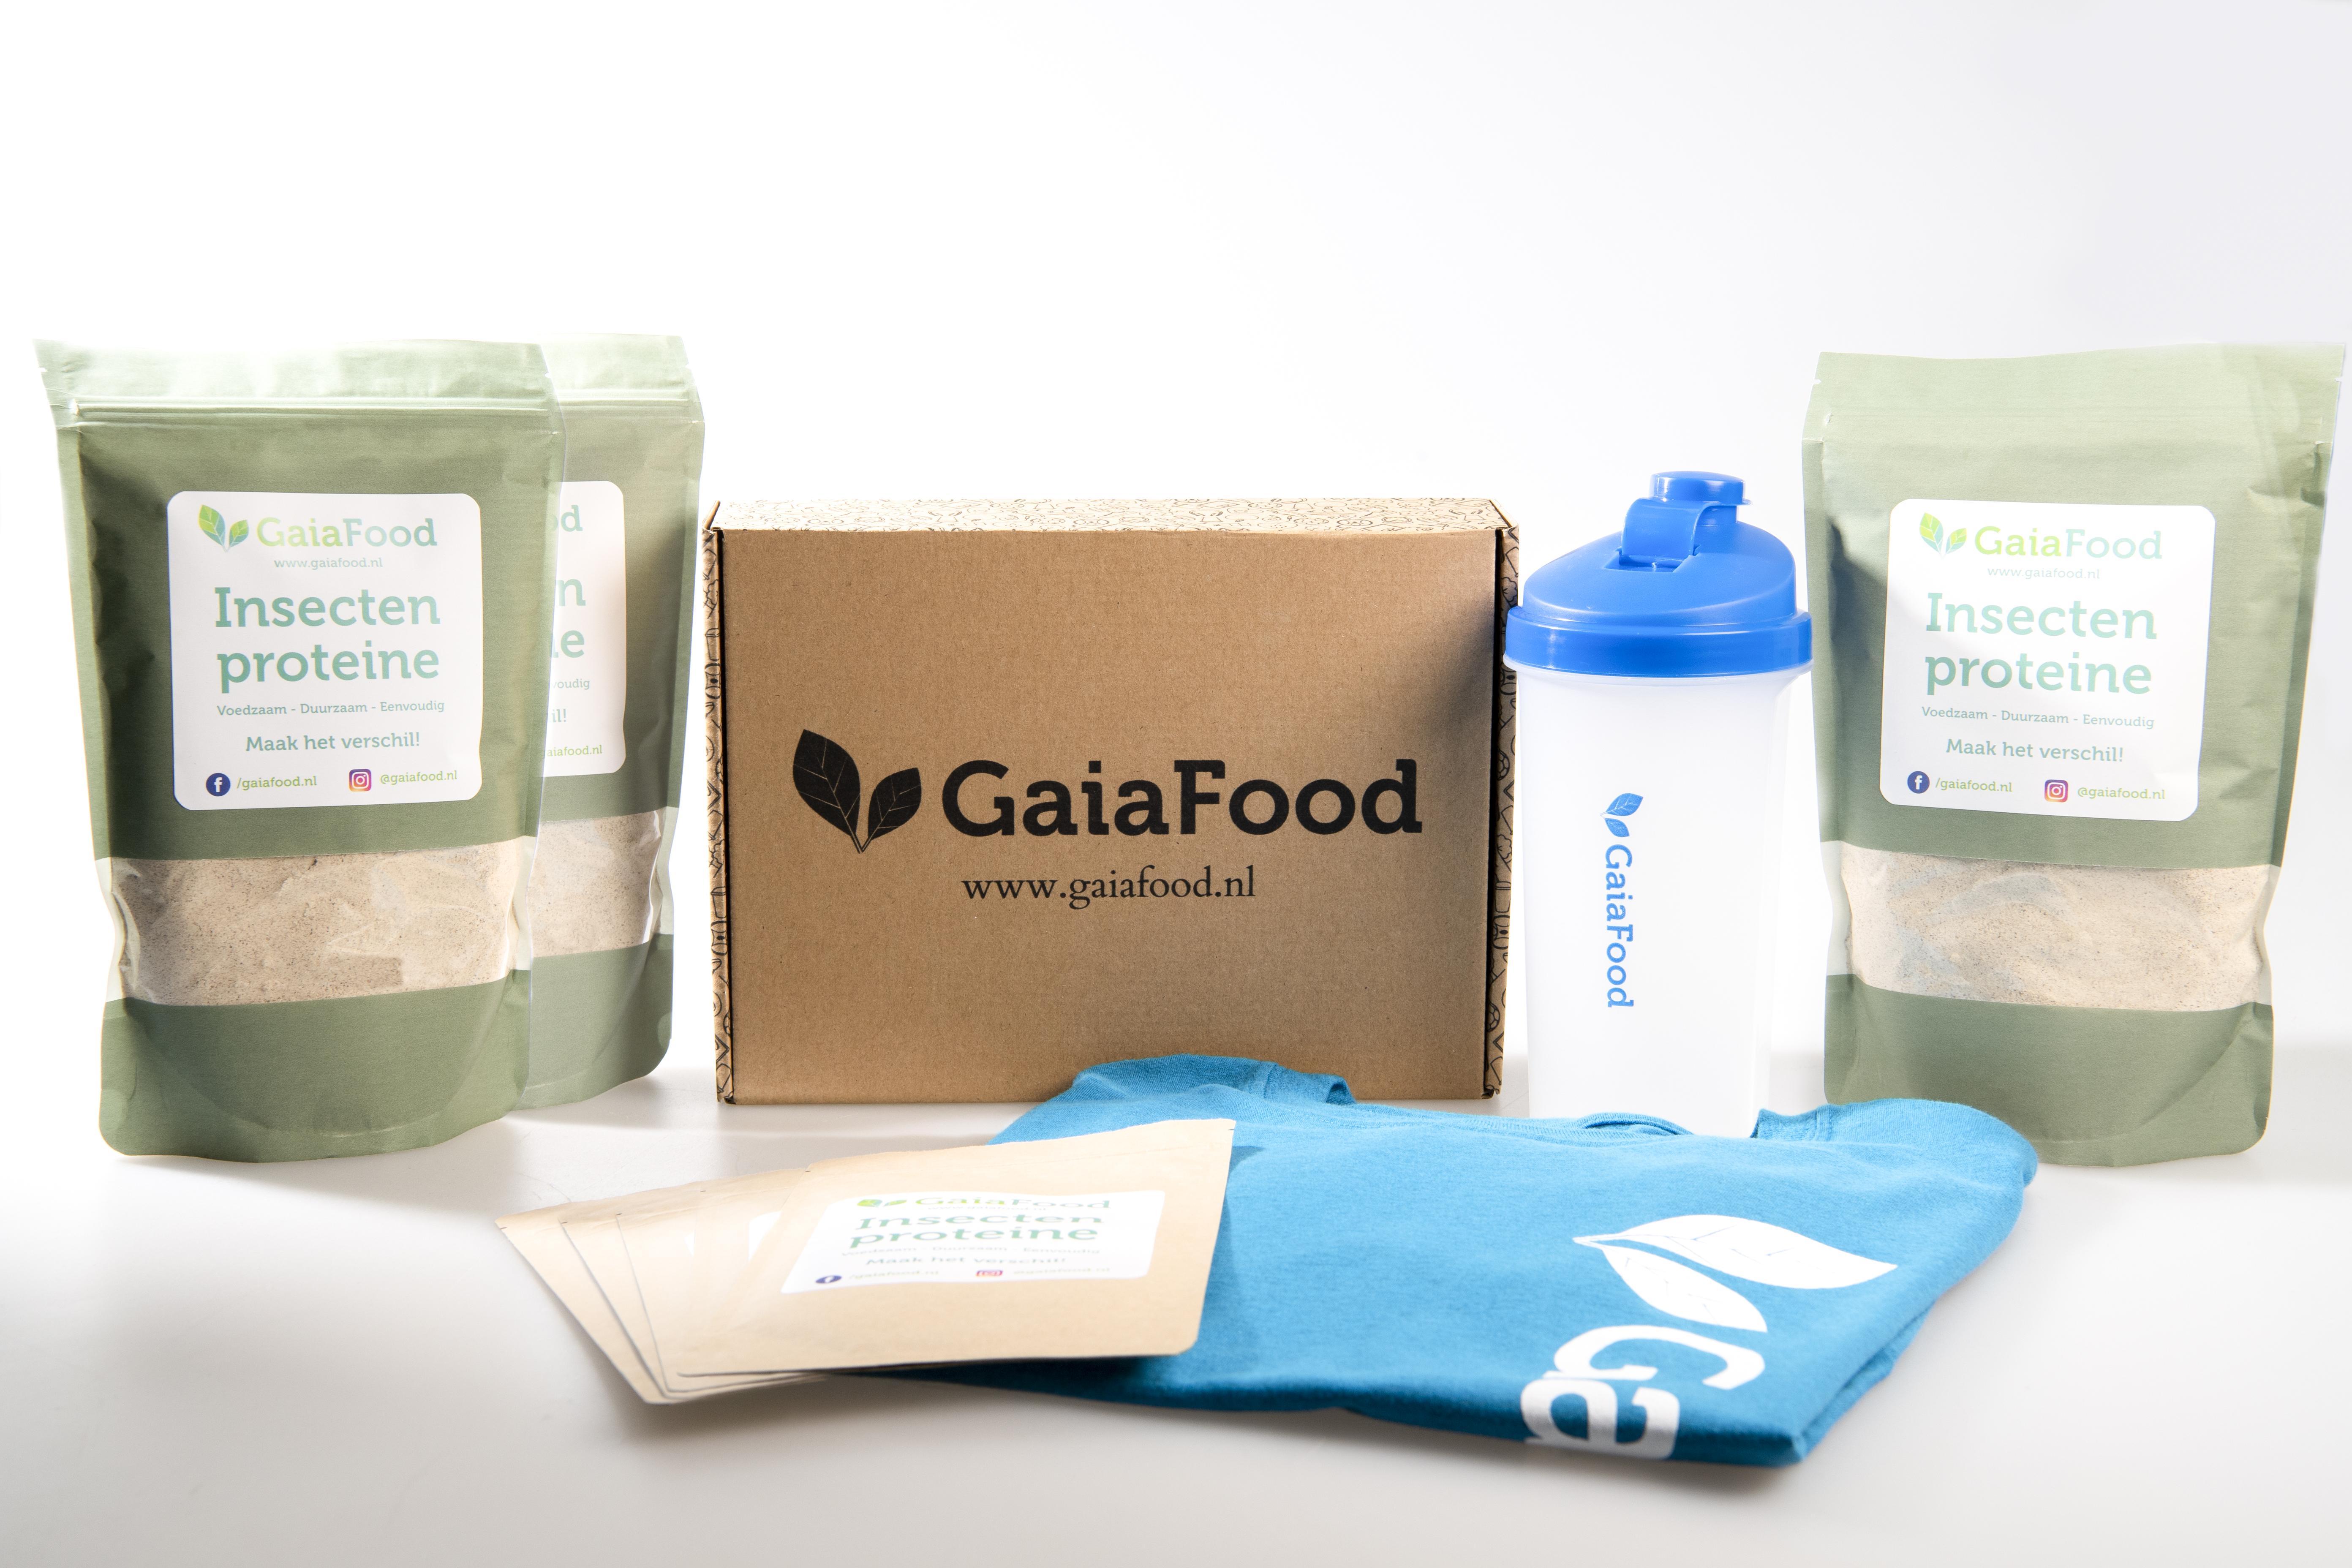 GaiaFood